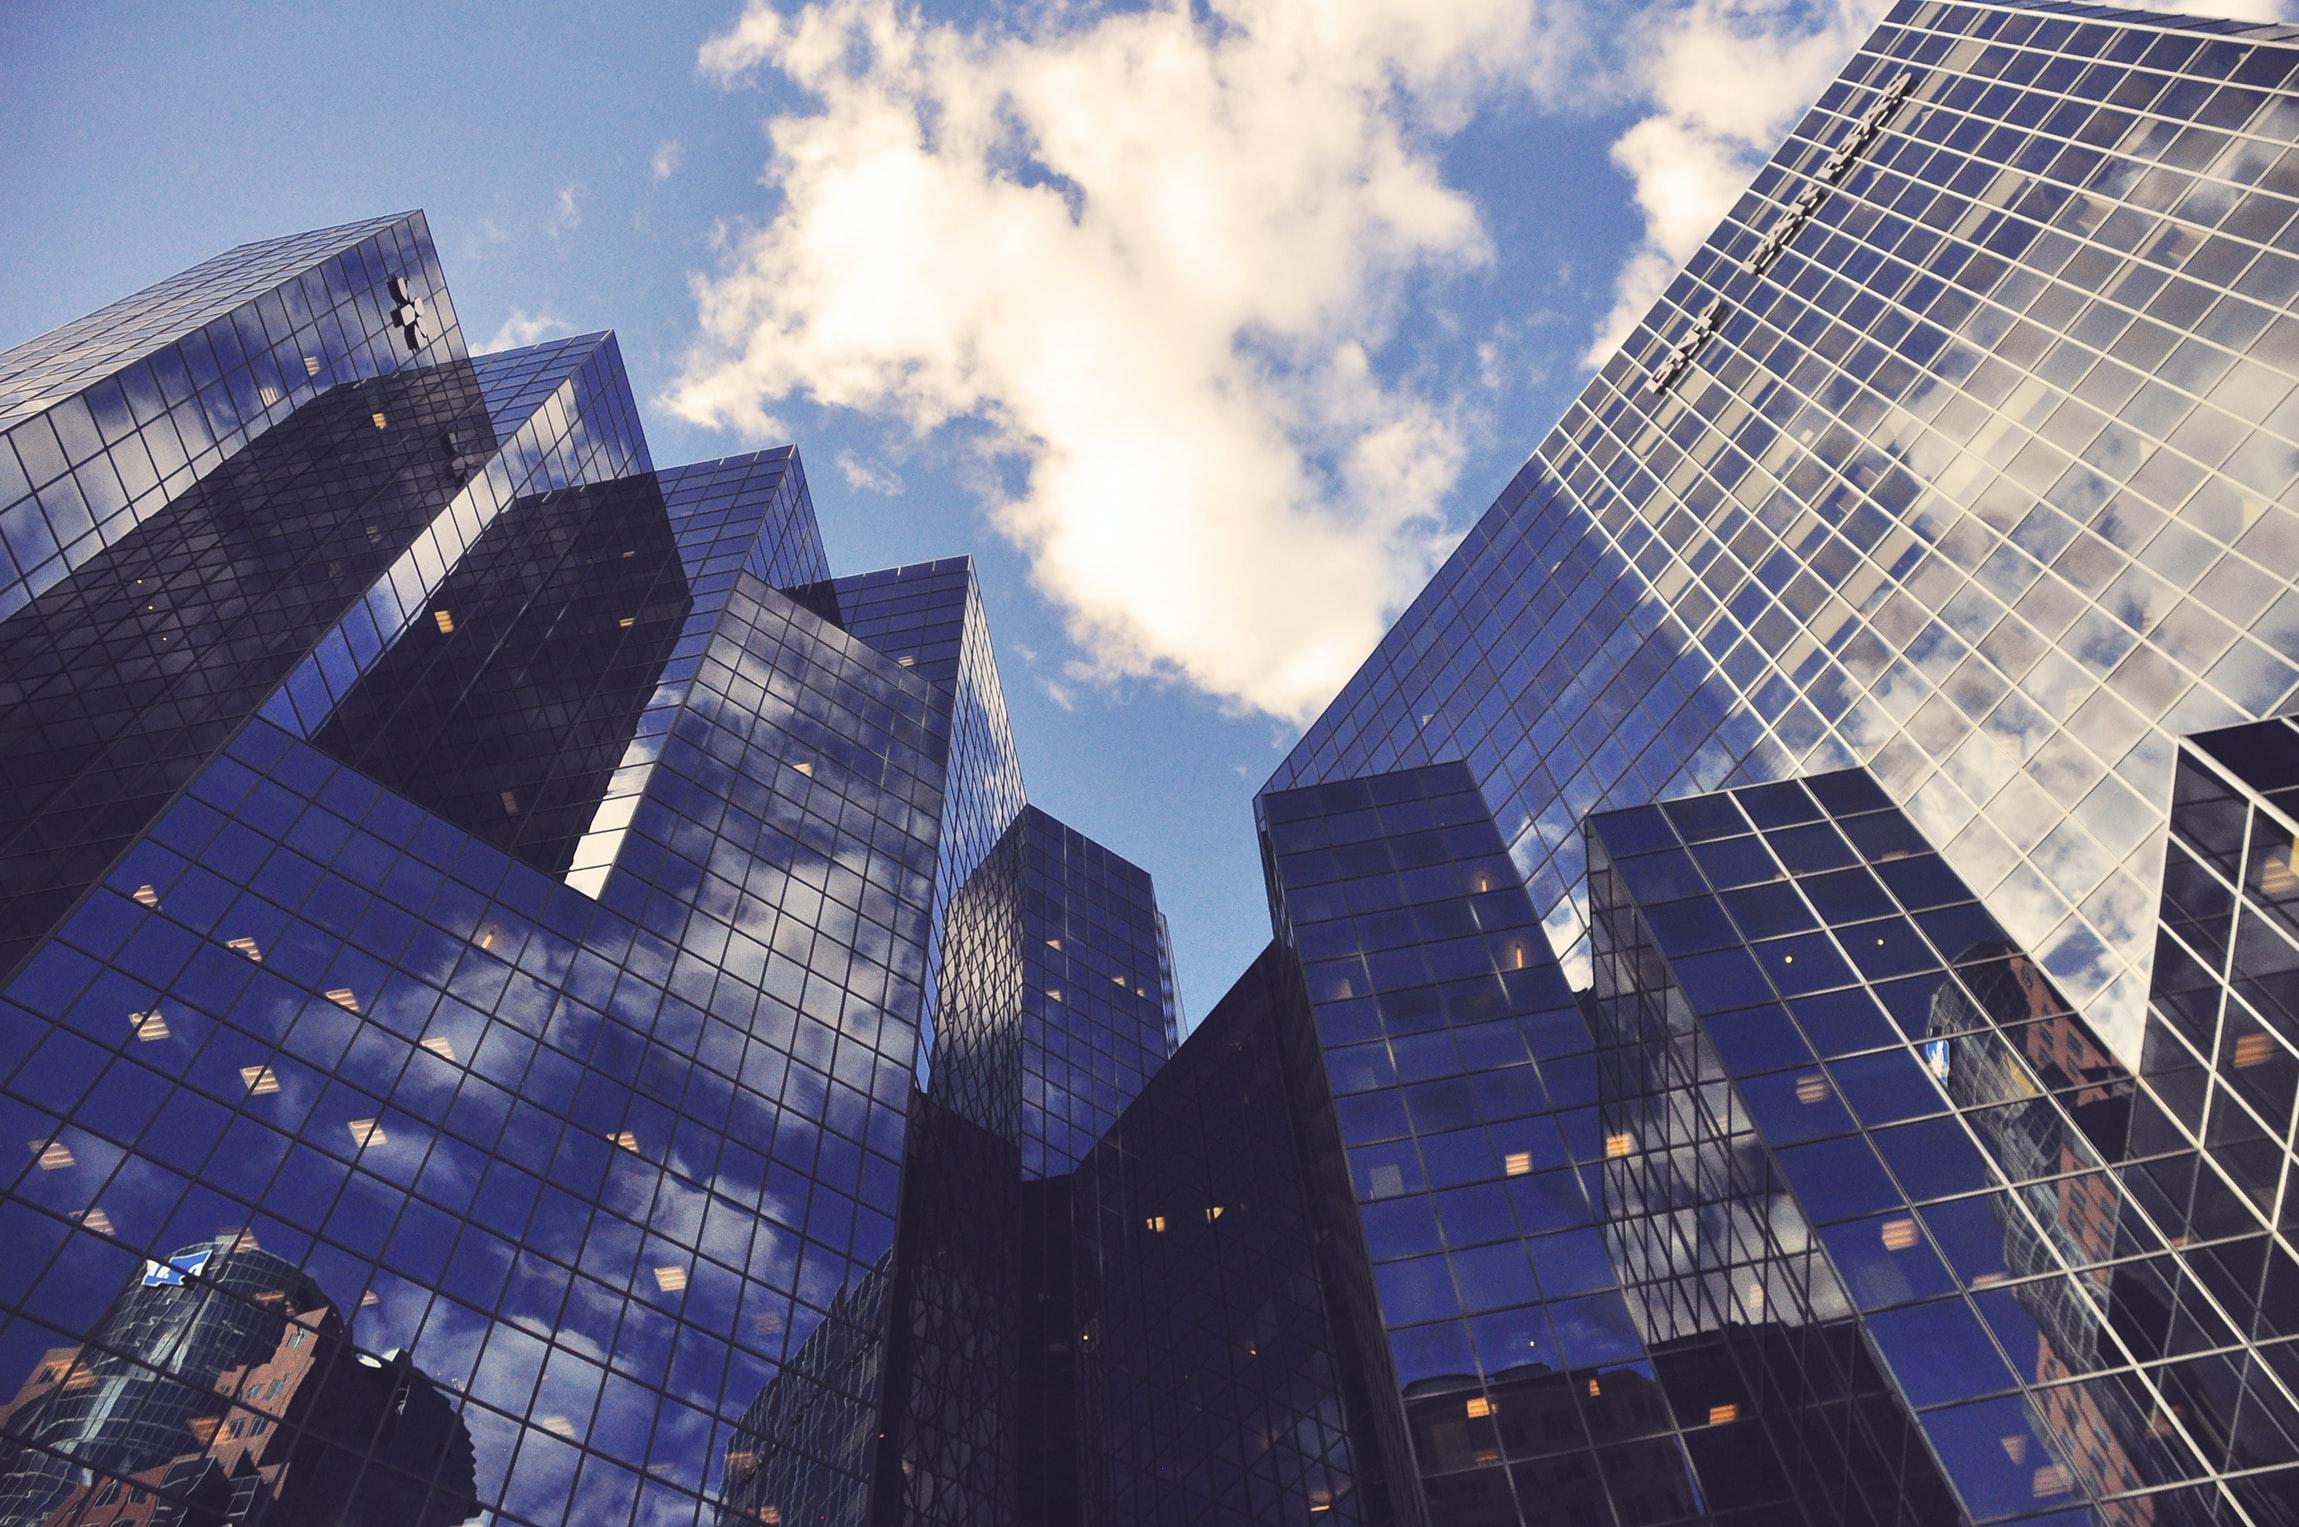 eux aluminij u arhitekturi visoke zgrade kao referentno korištenje aluminija